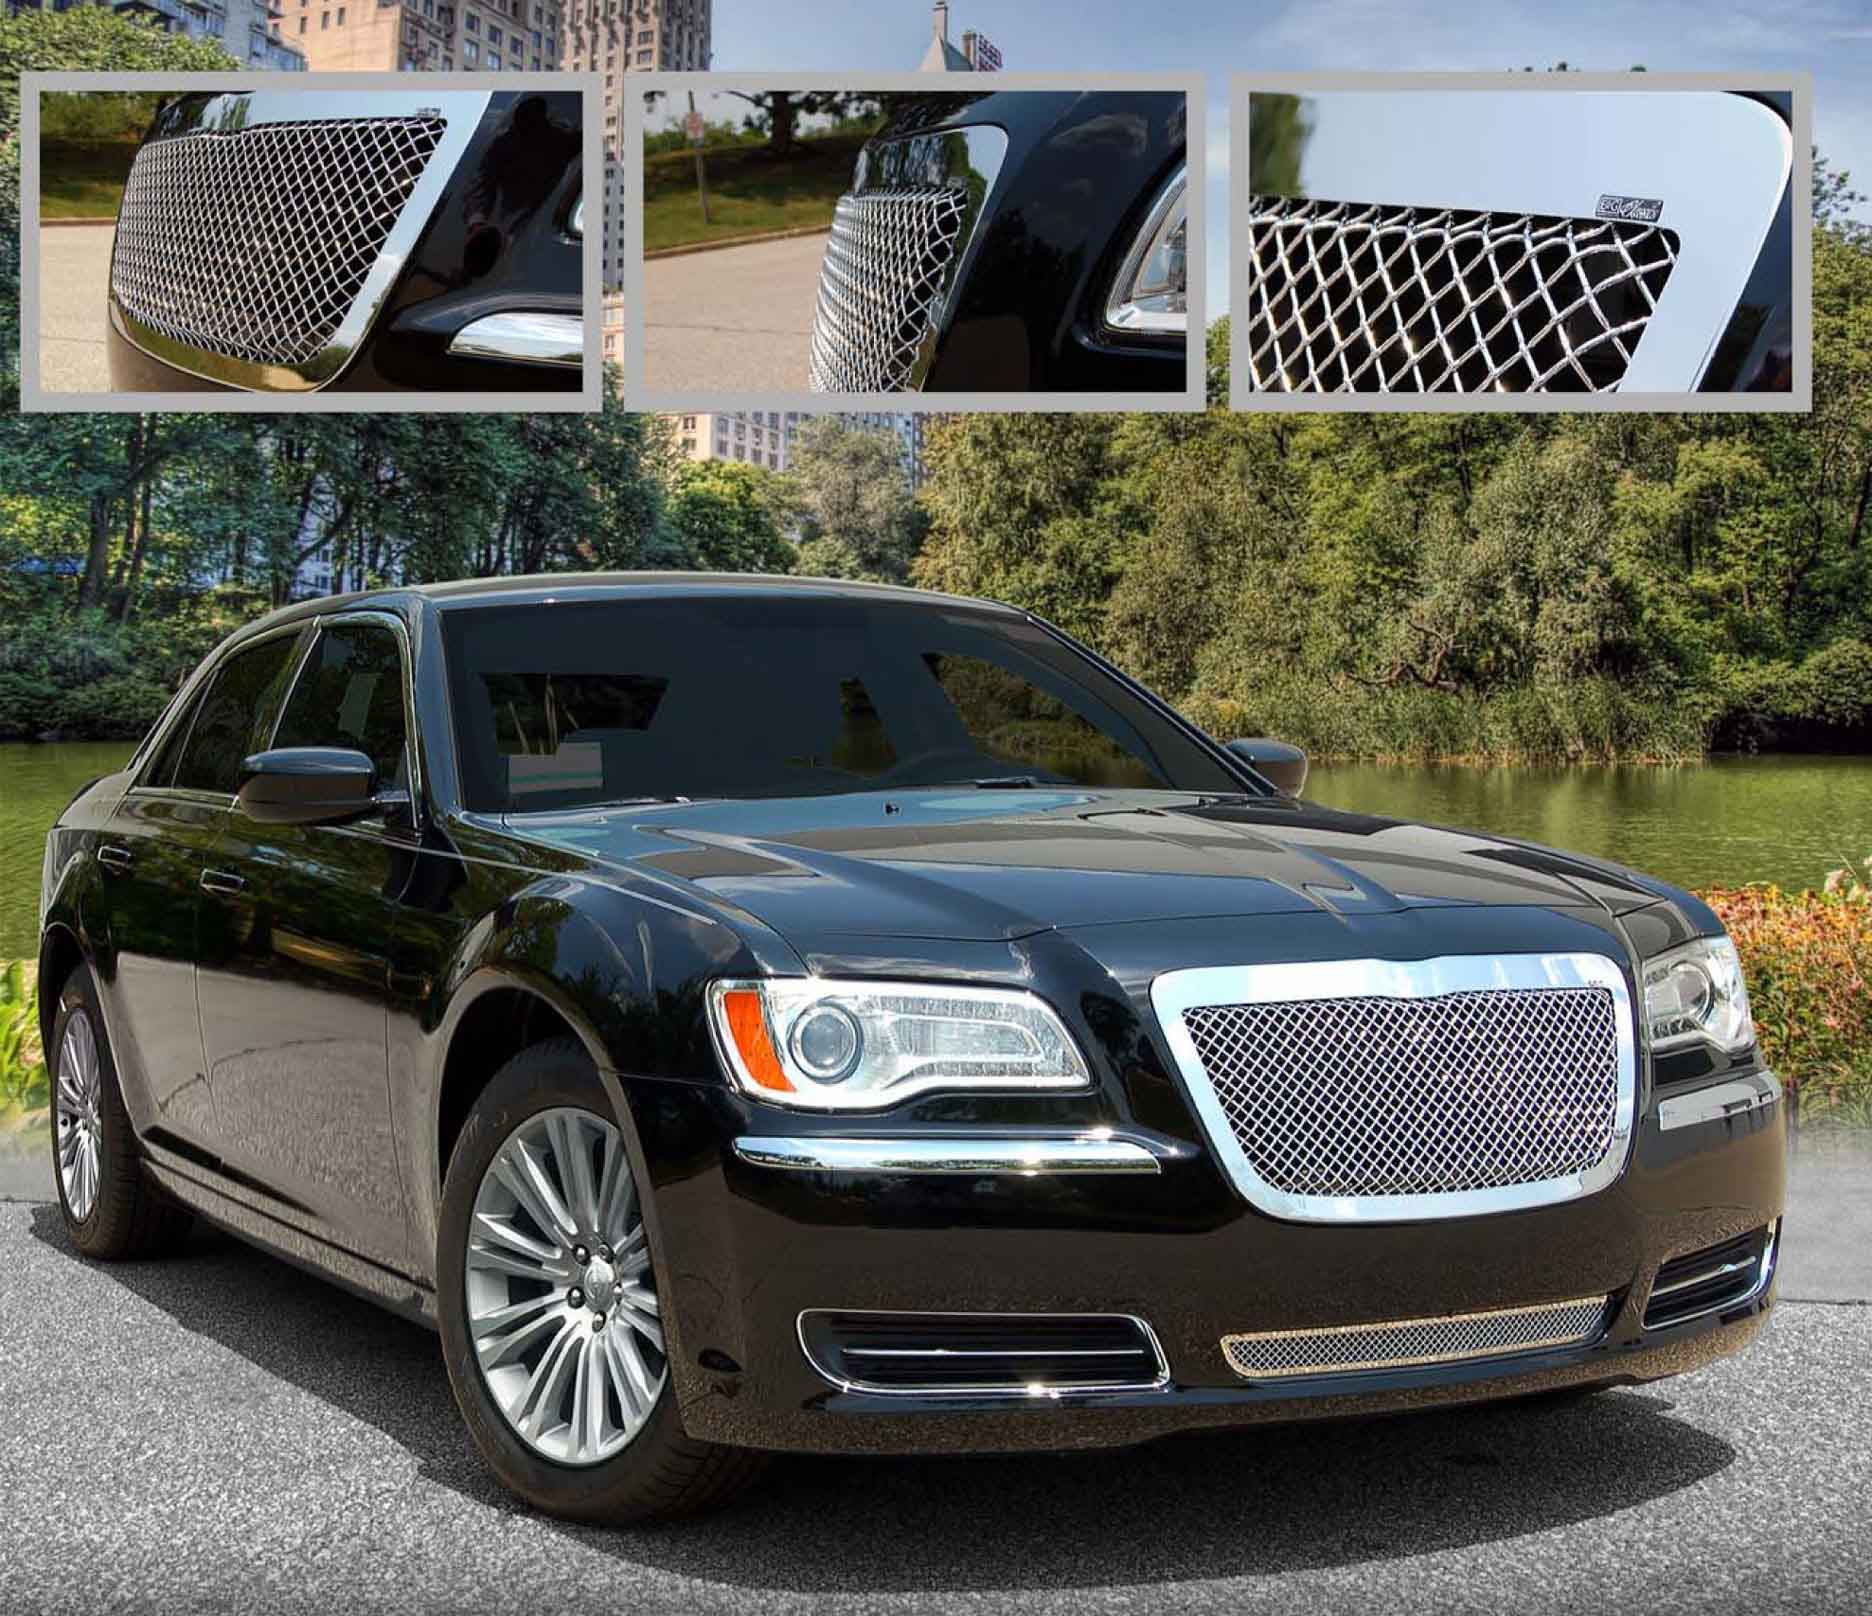 300 Srt8 Meet Mr Bentley On: E&G Classics Chrysler 300 300C Grille Wing Body Kit